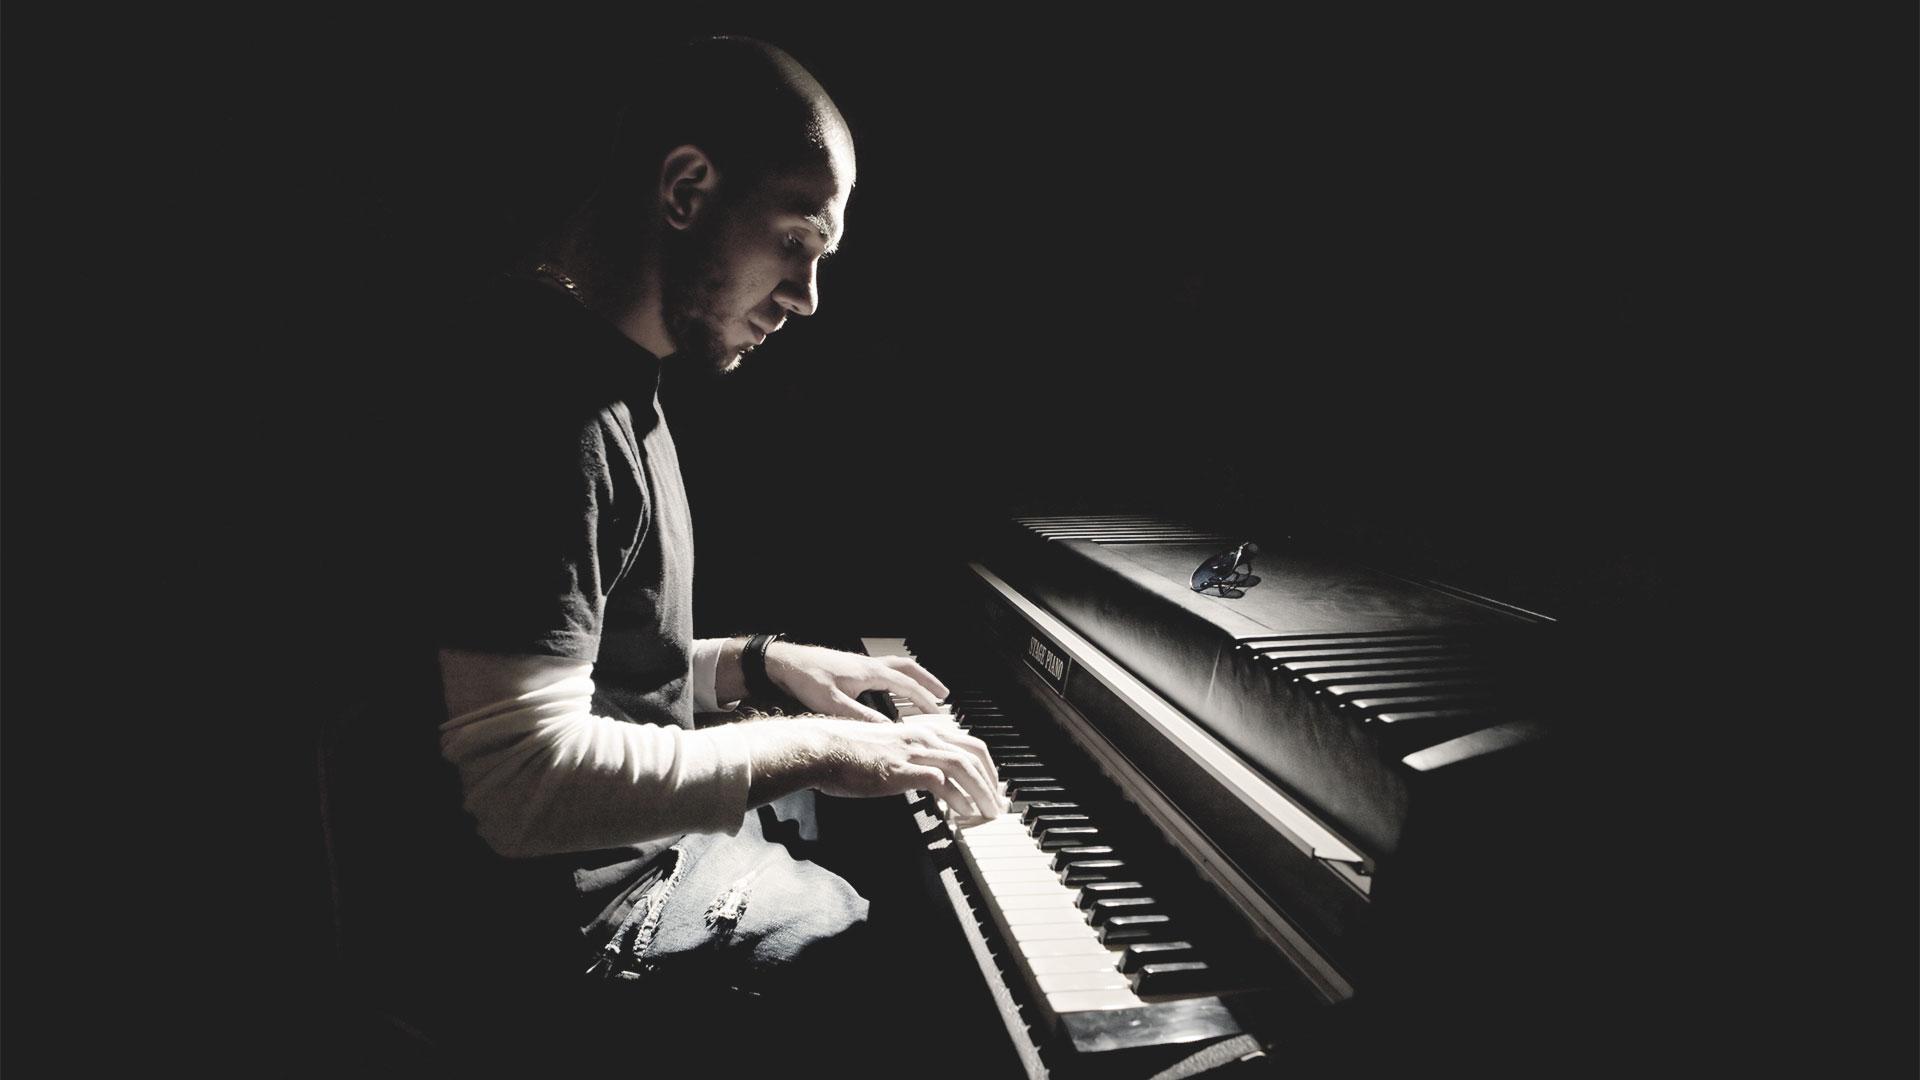 Печальная музыка помогла людям с депрессией почувствовать себя лучше